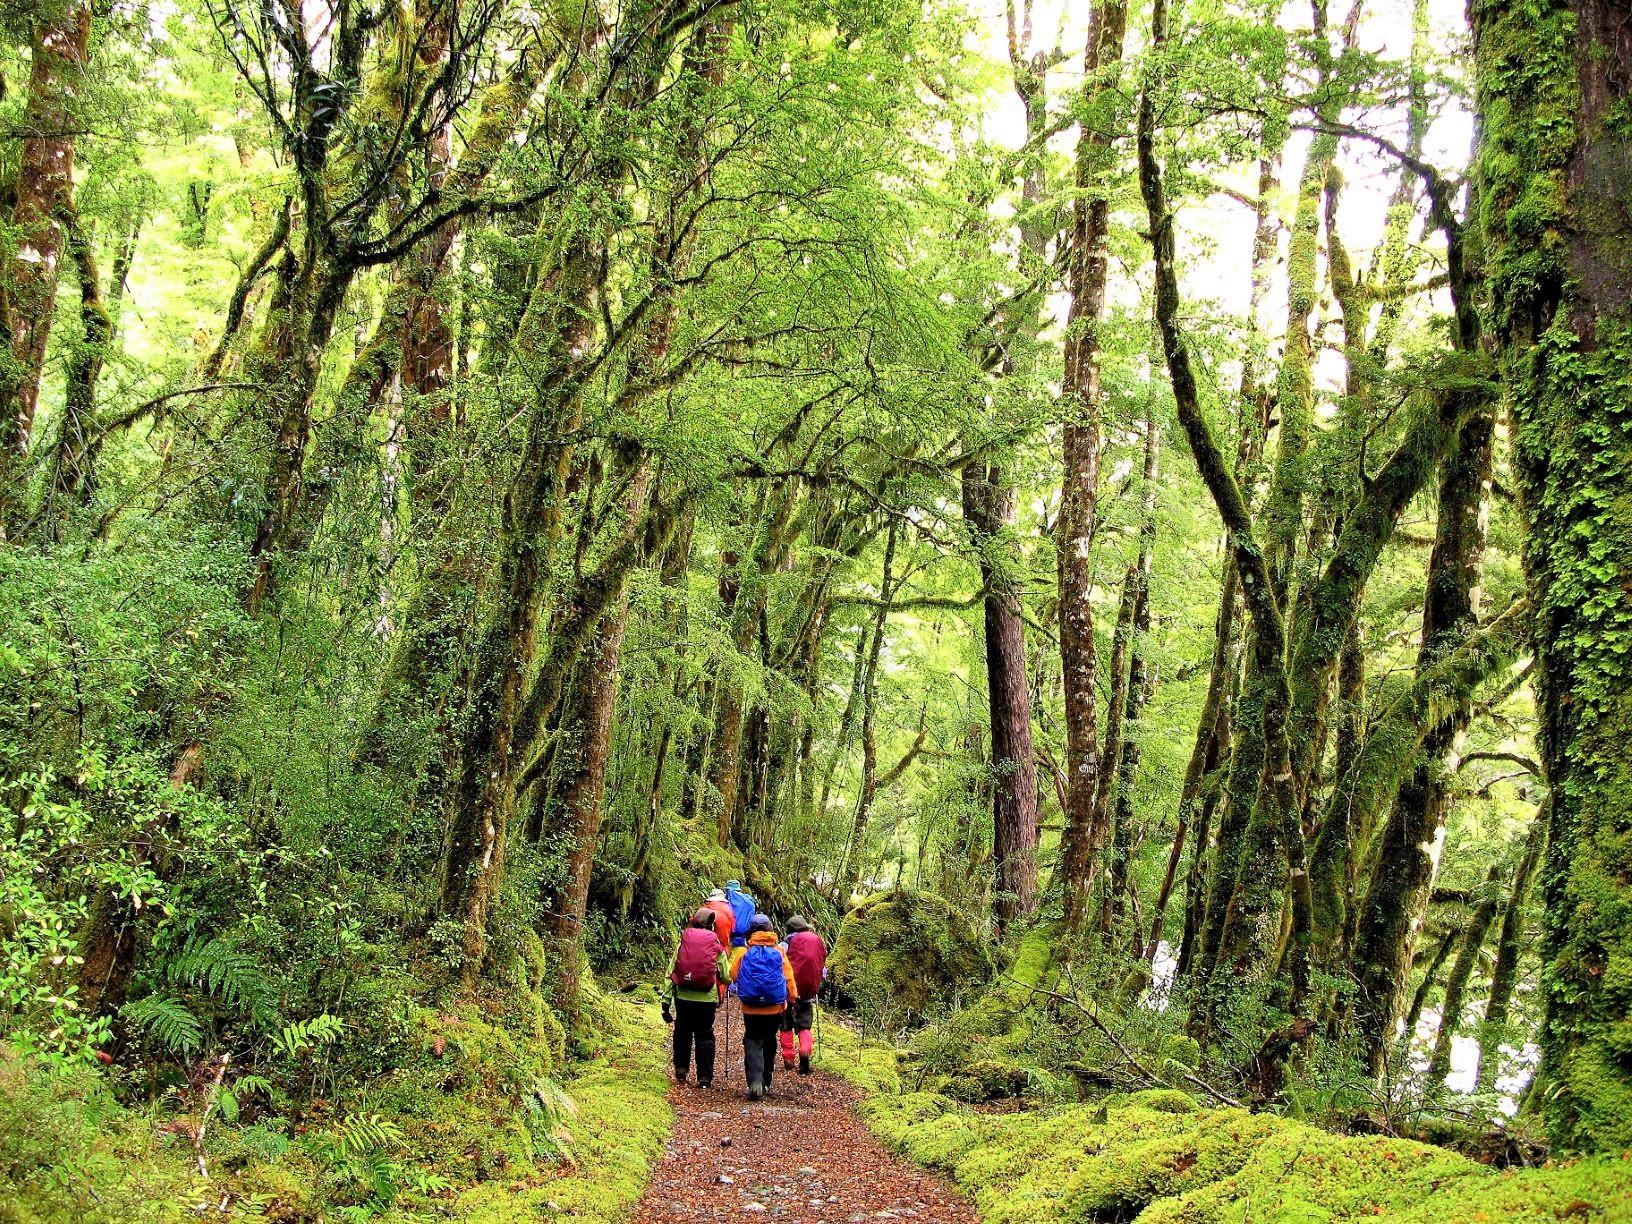 ミルフォード・トラックの美しいブナの森を歩く